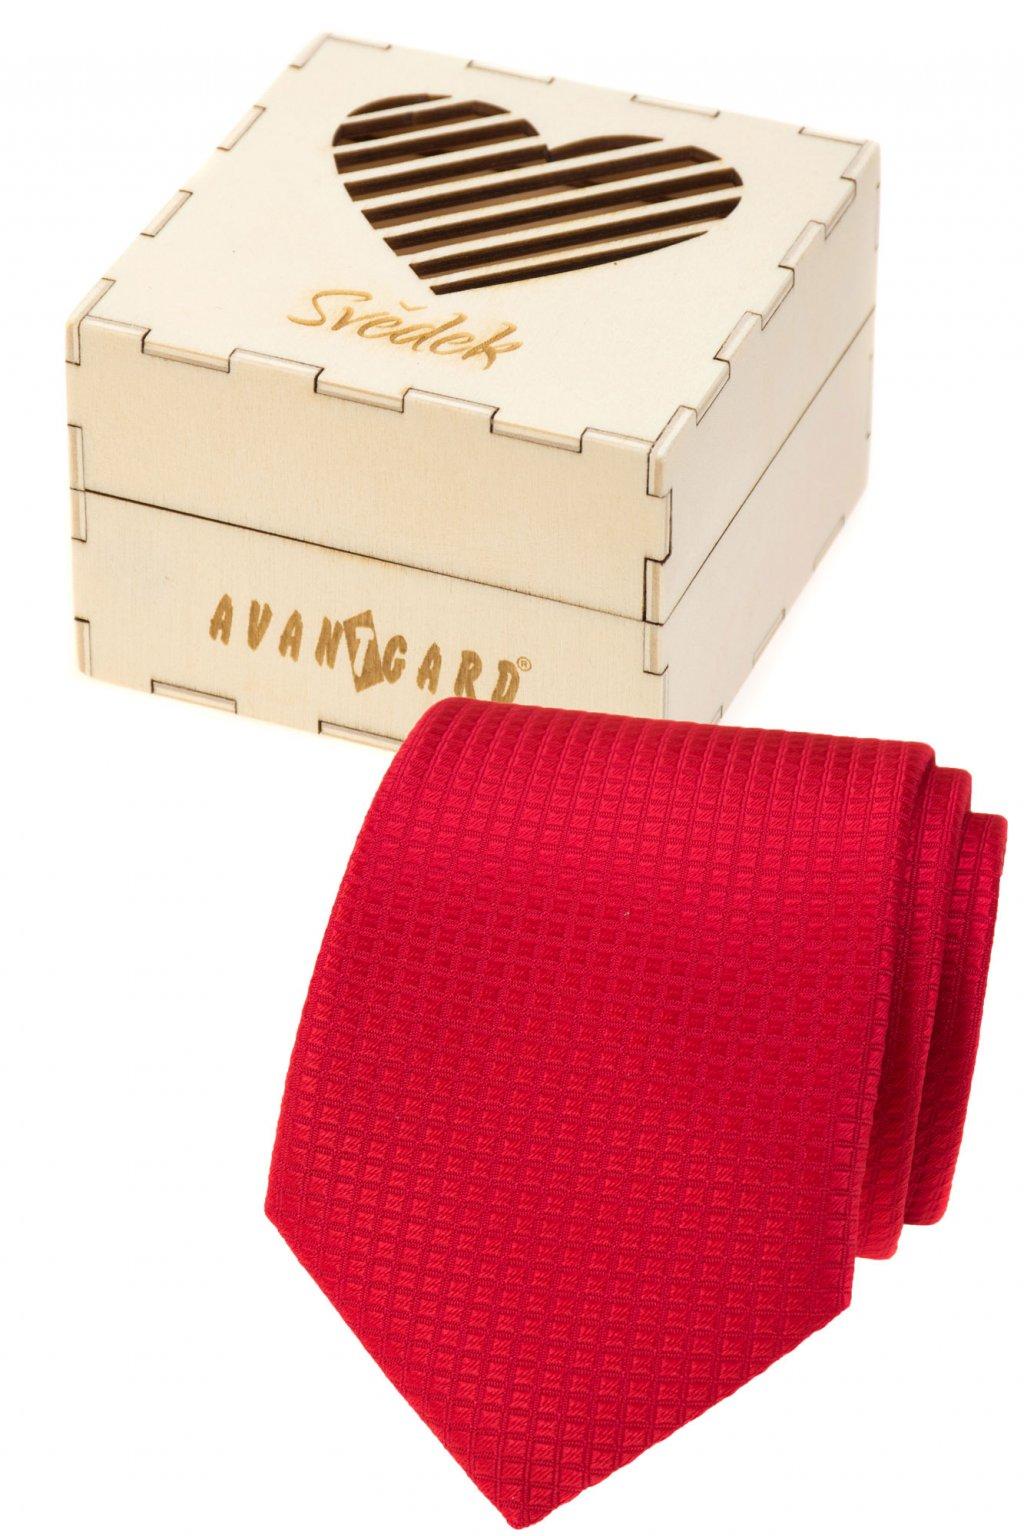 Dárkový set Svědek - Kravata v dárkové dřevěné krabičce s nápisem, 919-37223, Červená, přírodní dřevo